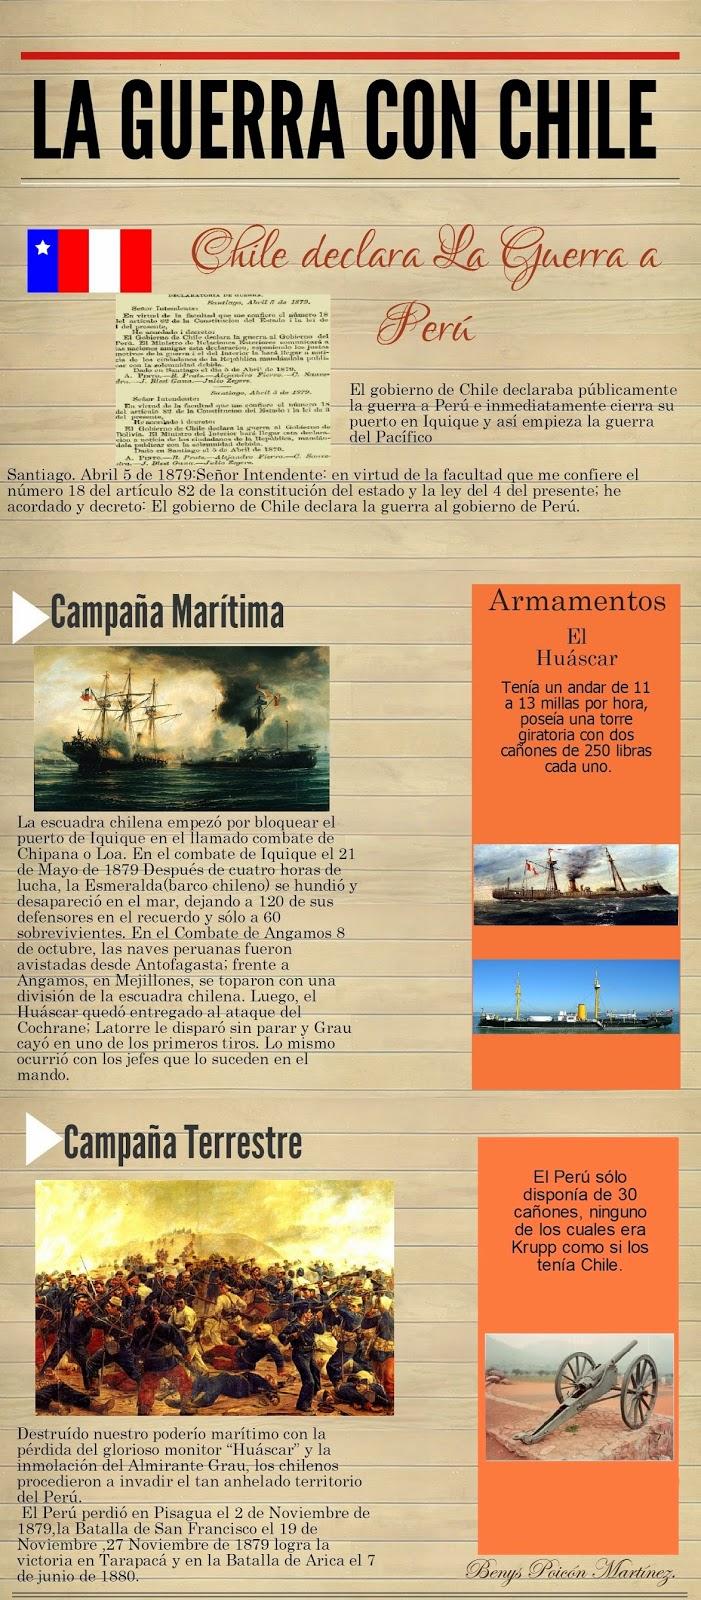 image Historias de guerra 3